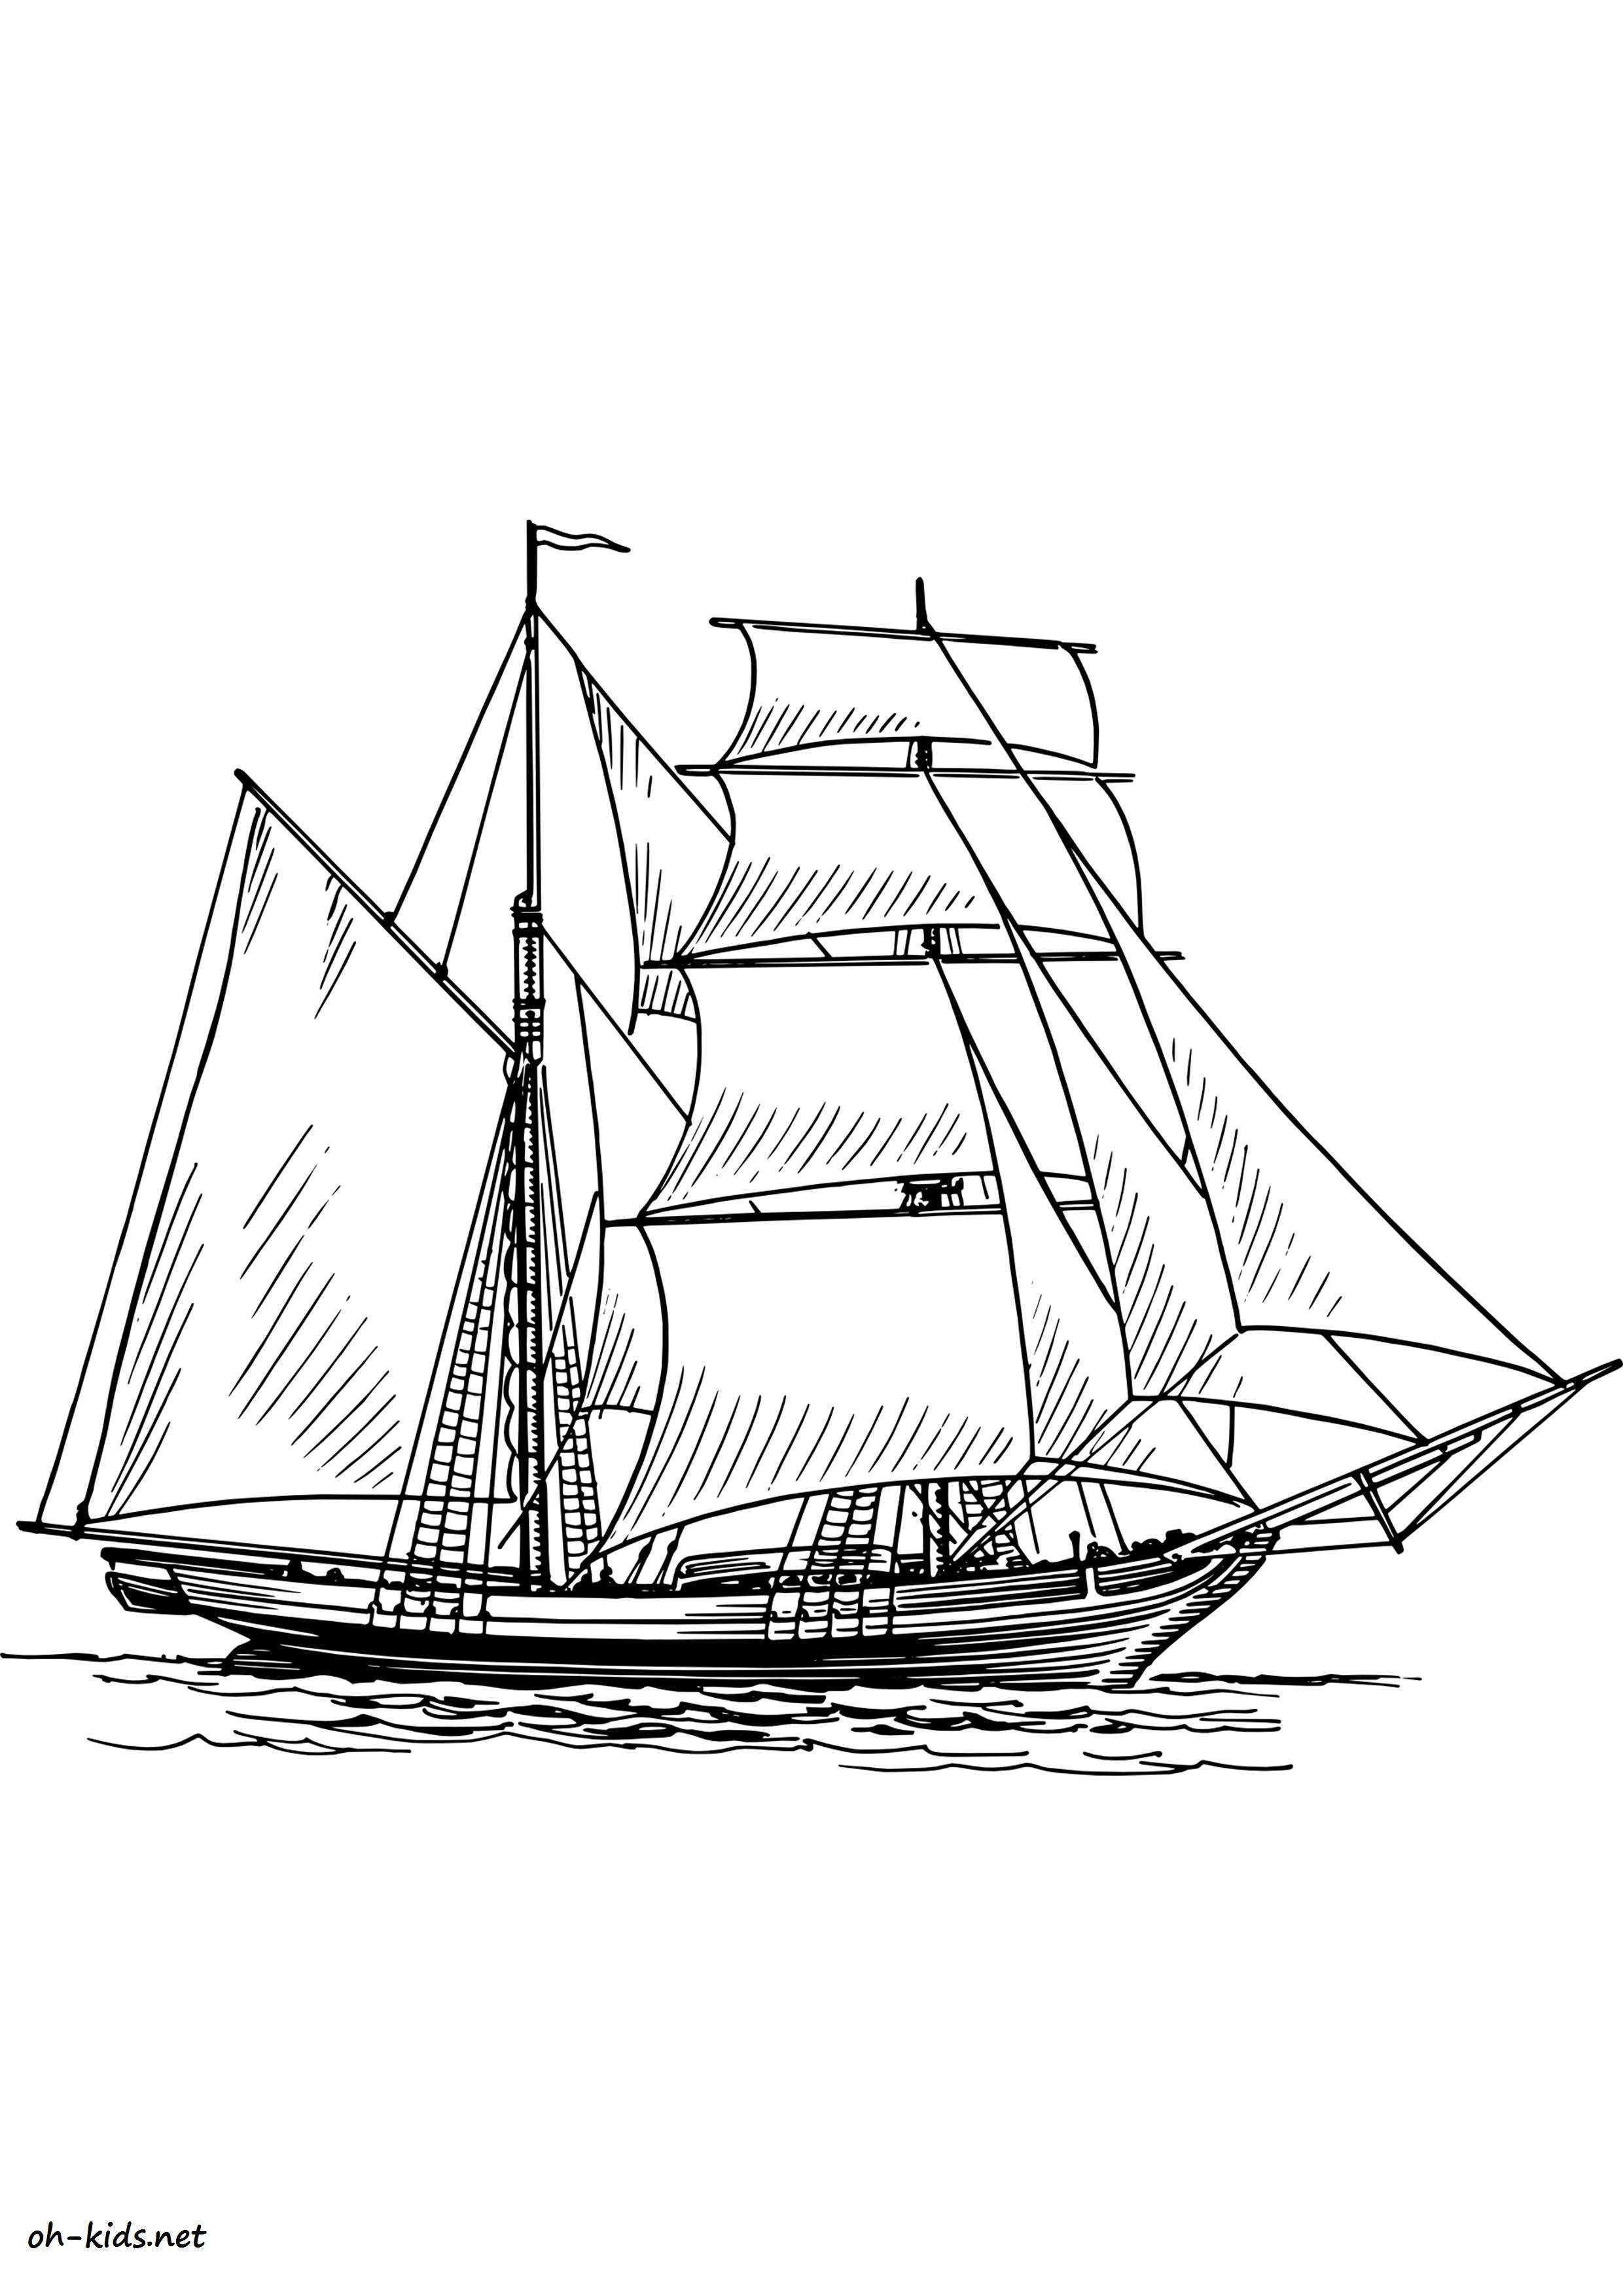 coloriage bateau de guerre - Dessin #1451